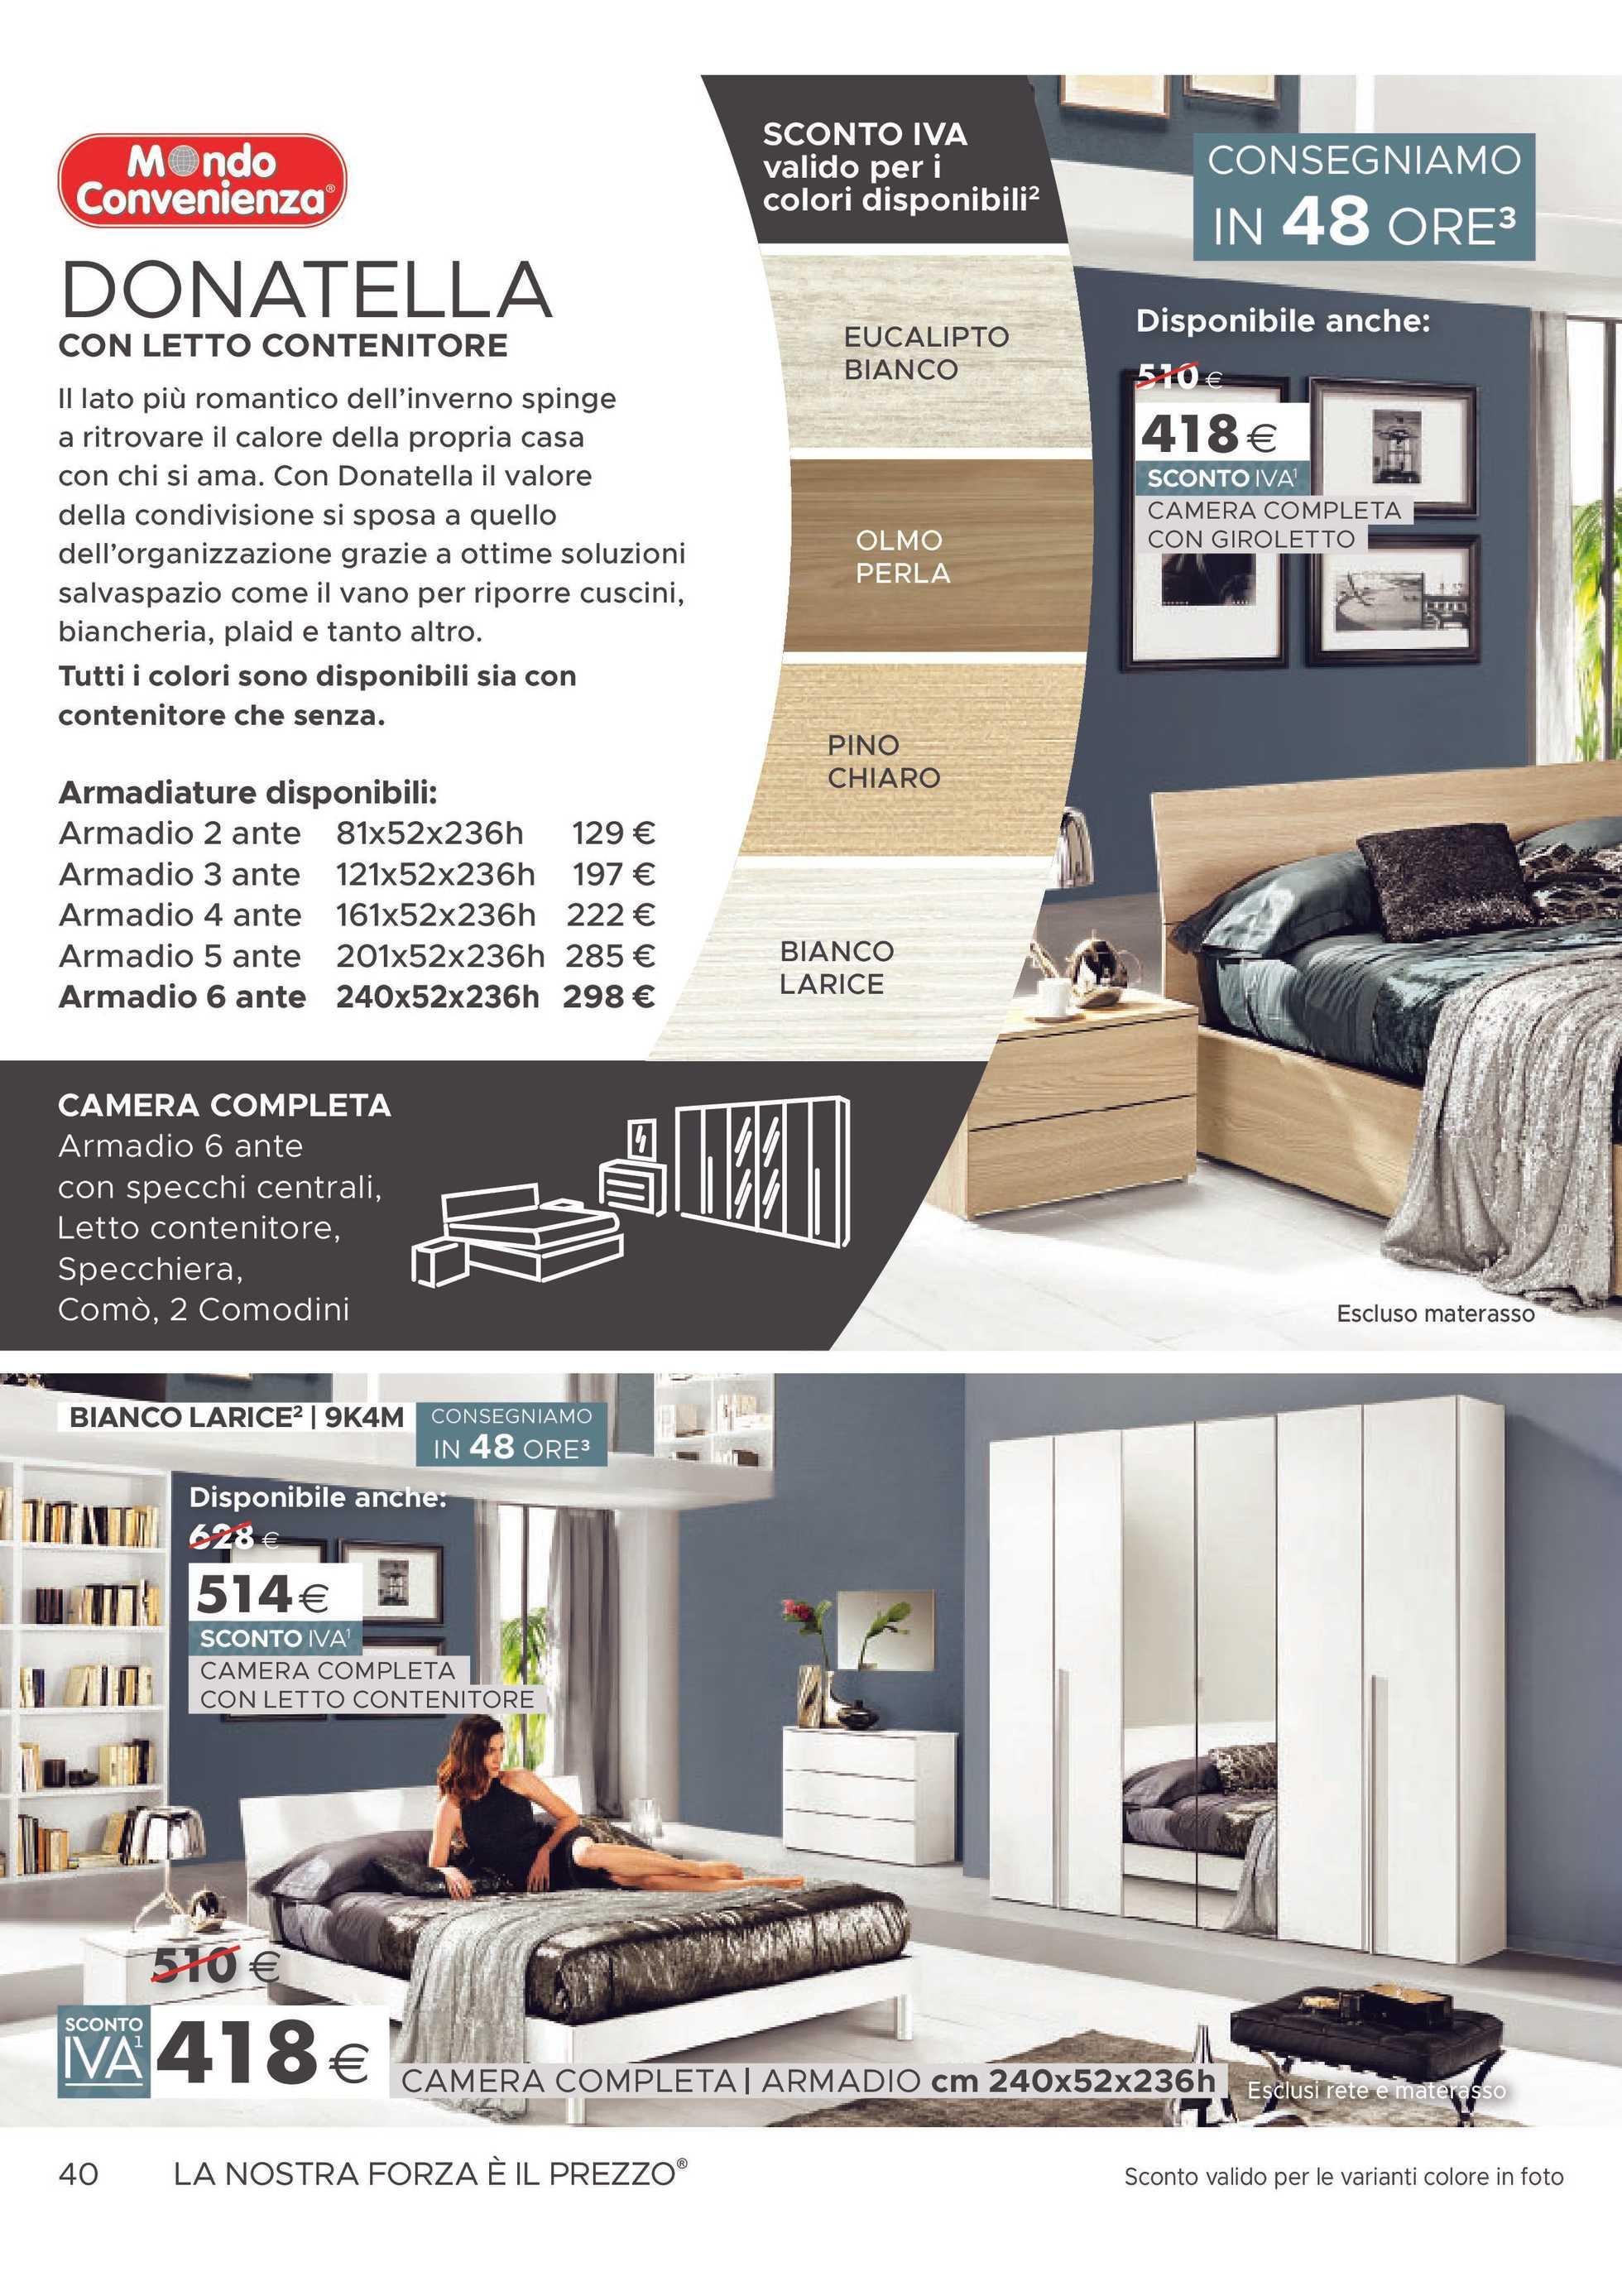 Armadio Donatella 3 Ante Mondo Convenienza.Mondo Convenienza Brochure Promozionale 01 01 19 It Promotons Com